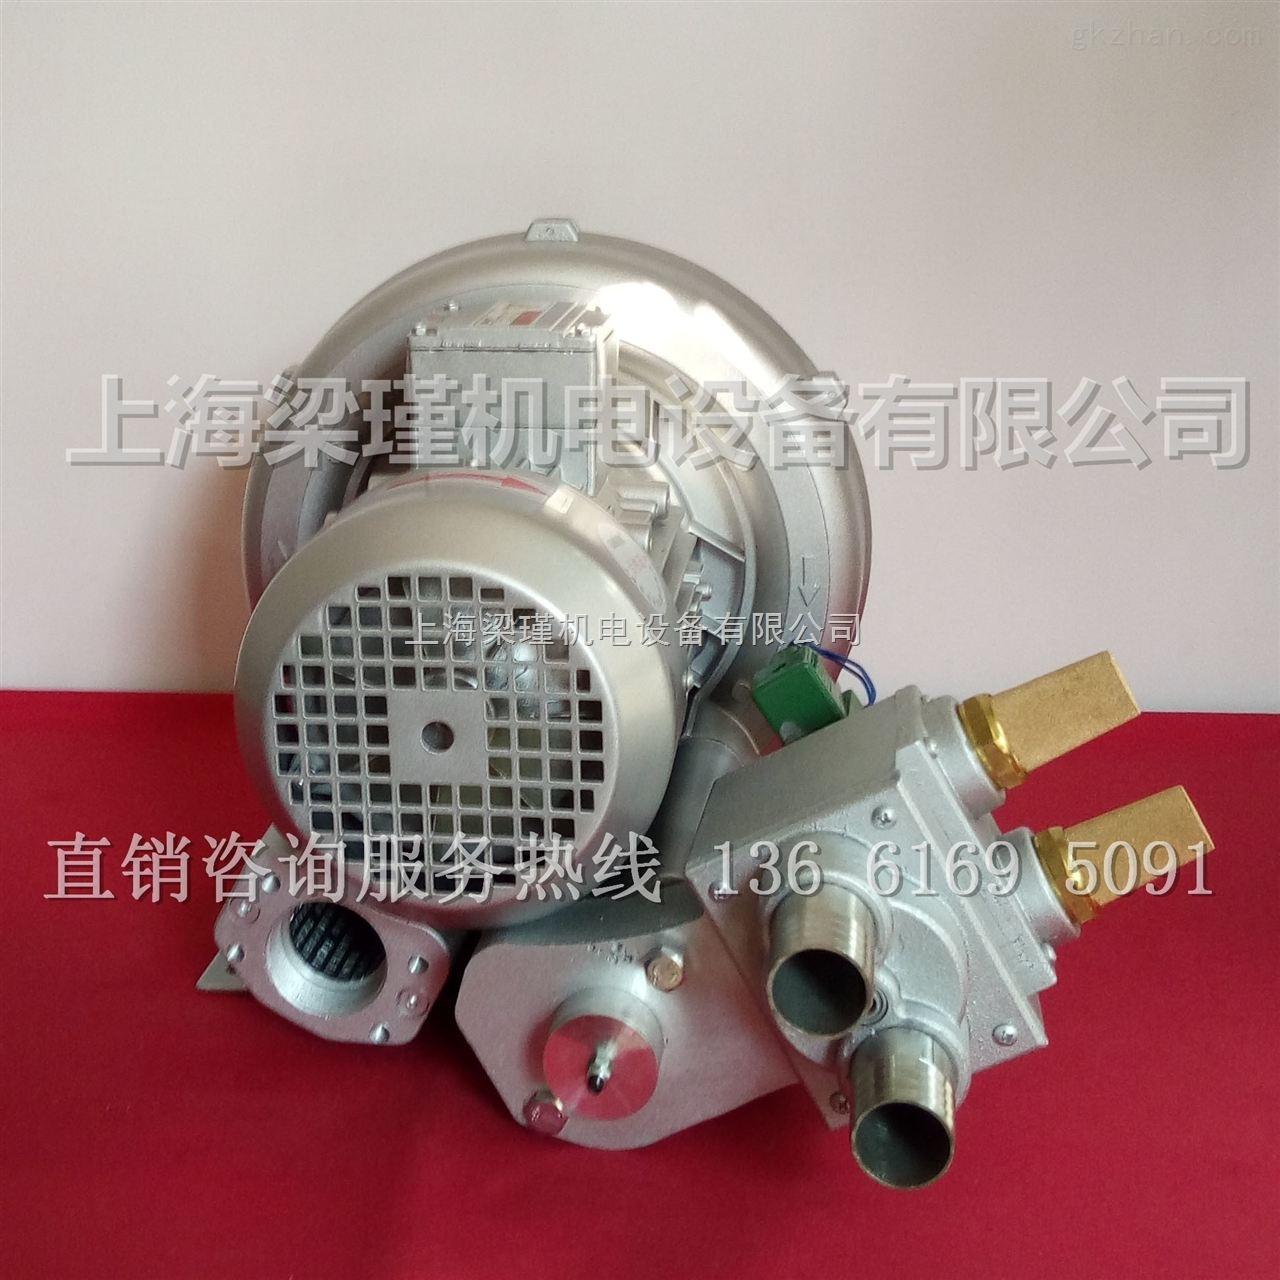 机床机械设备高压鼓风机-高压漩涡气泵